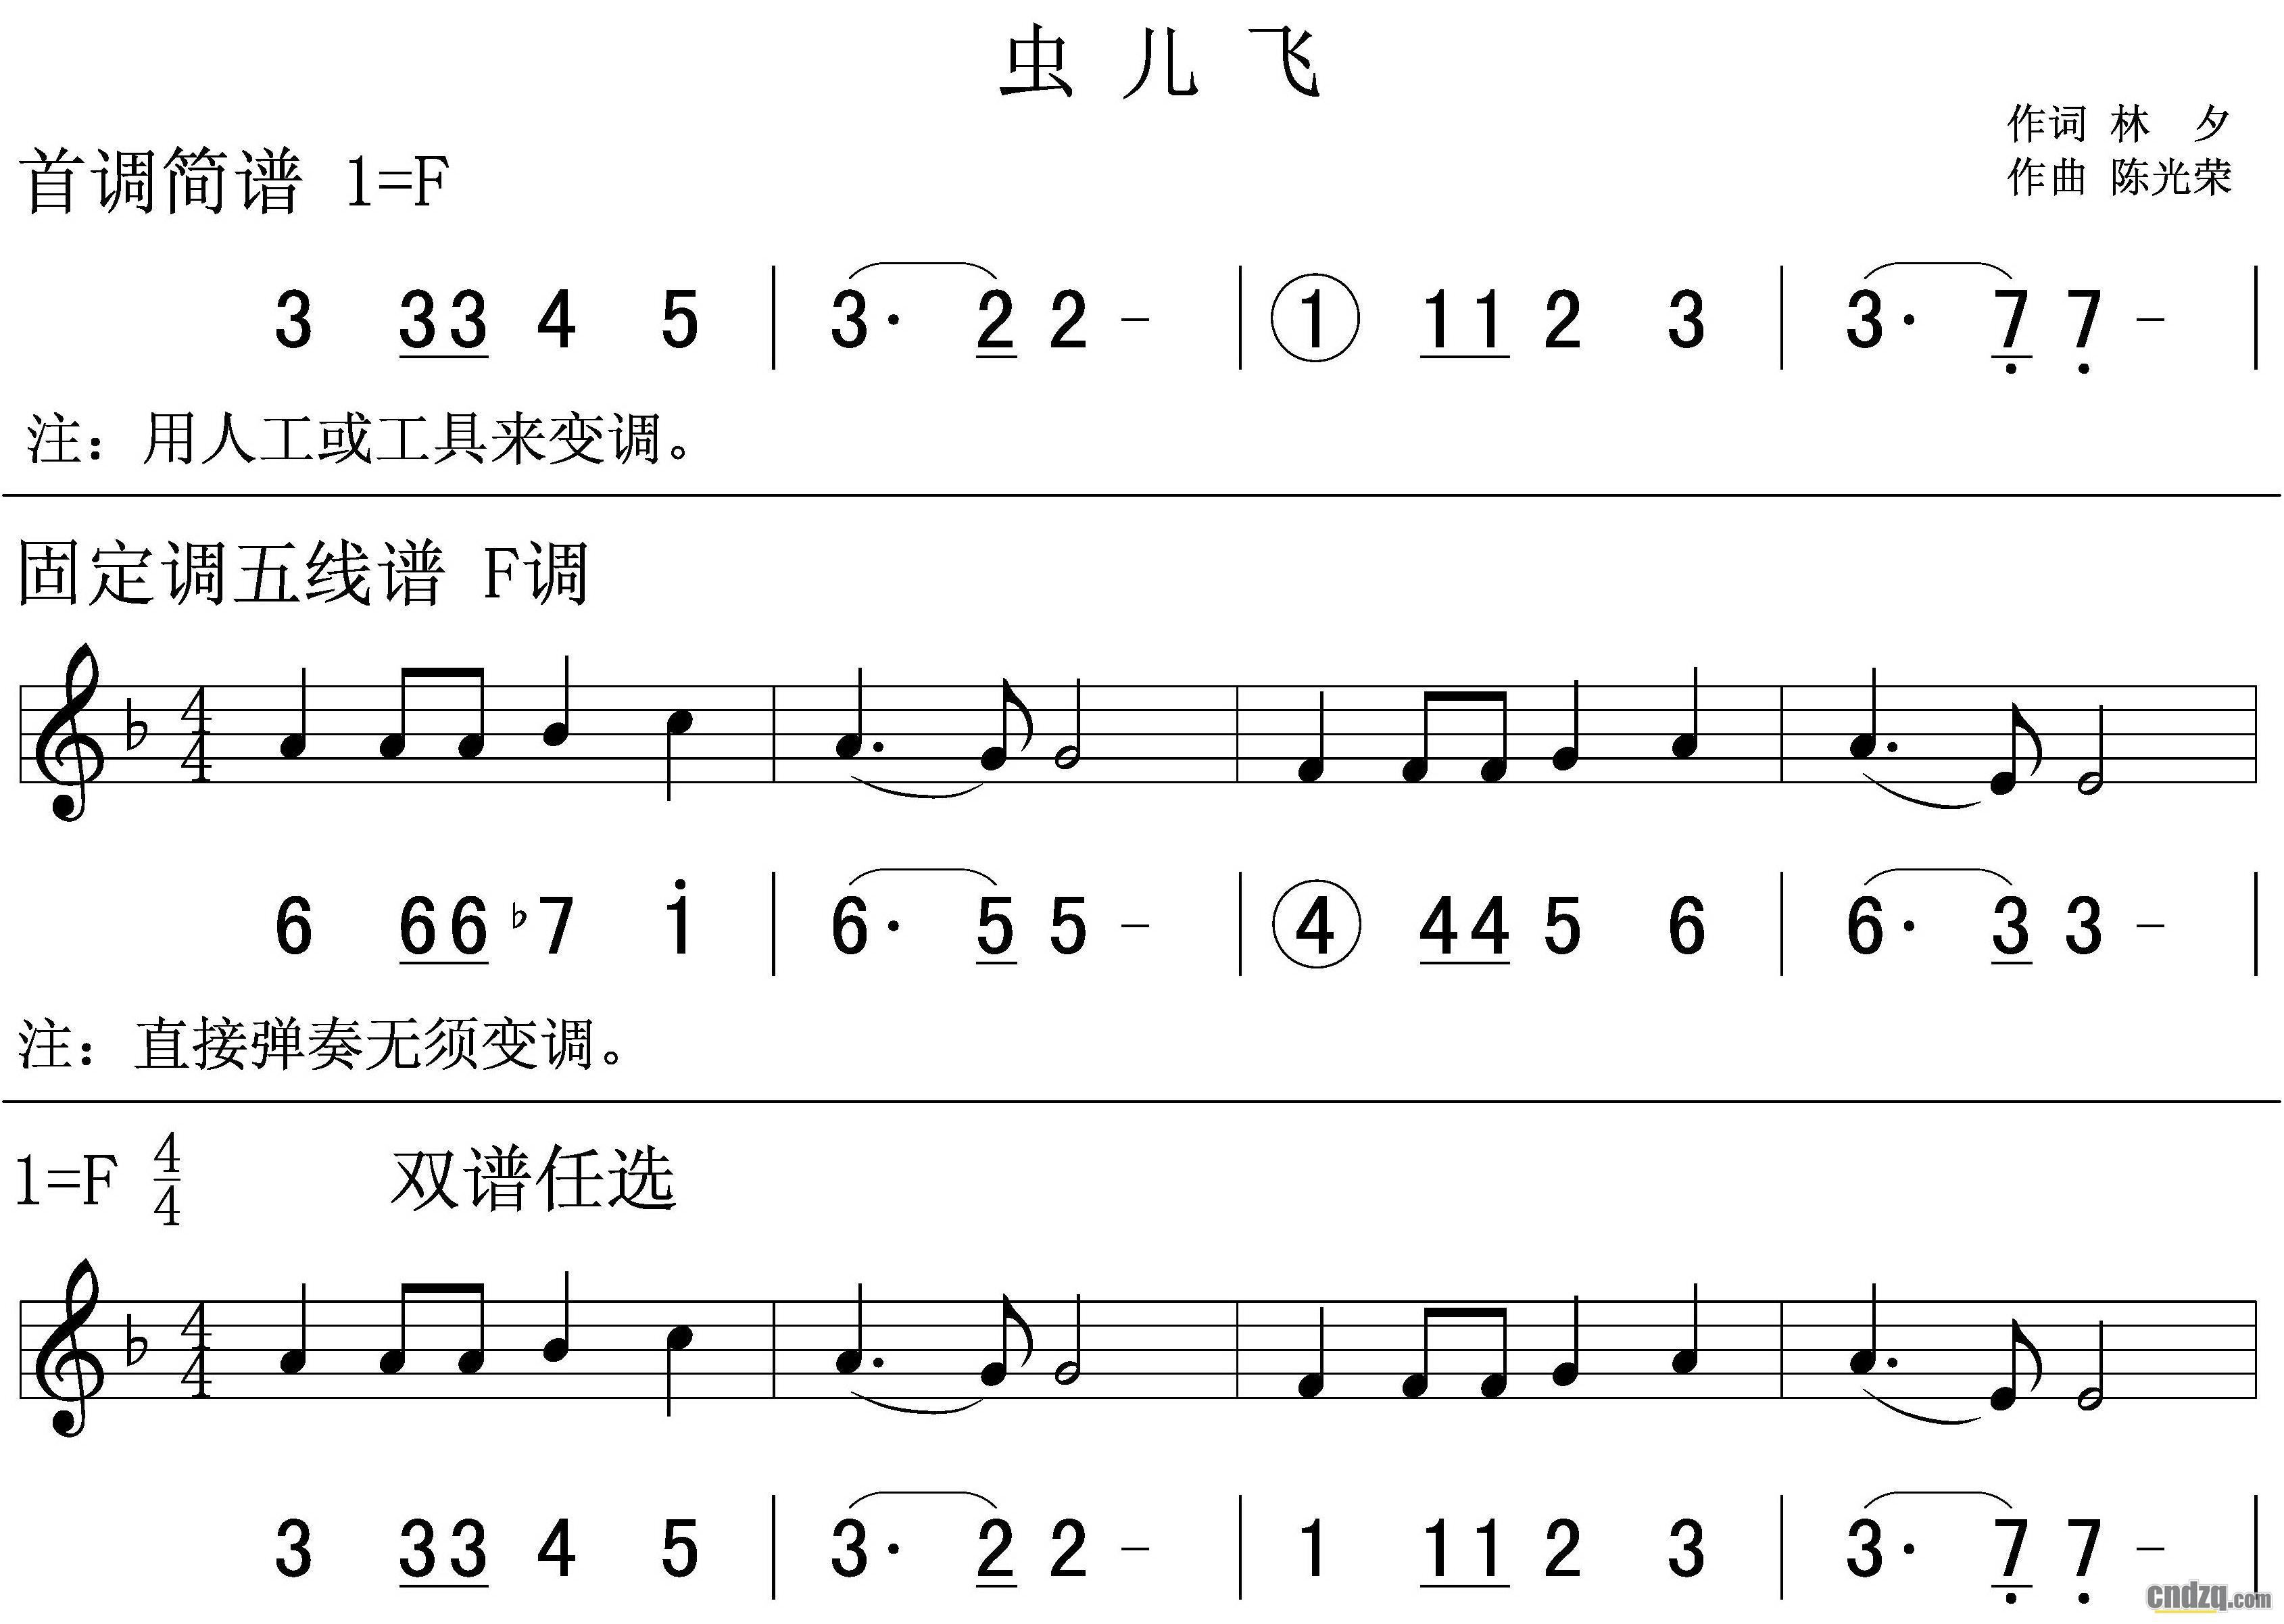 图中《虫儿飞》用了三种记谱方法,首调的1=f,即1的发音应为4